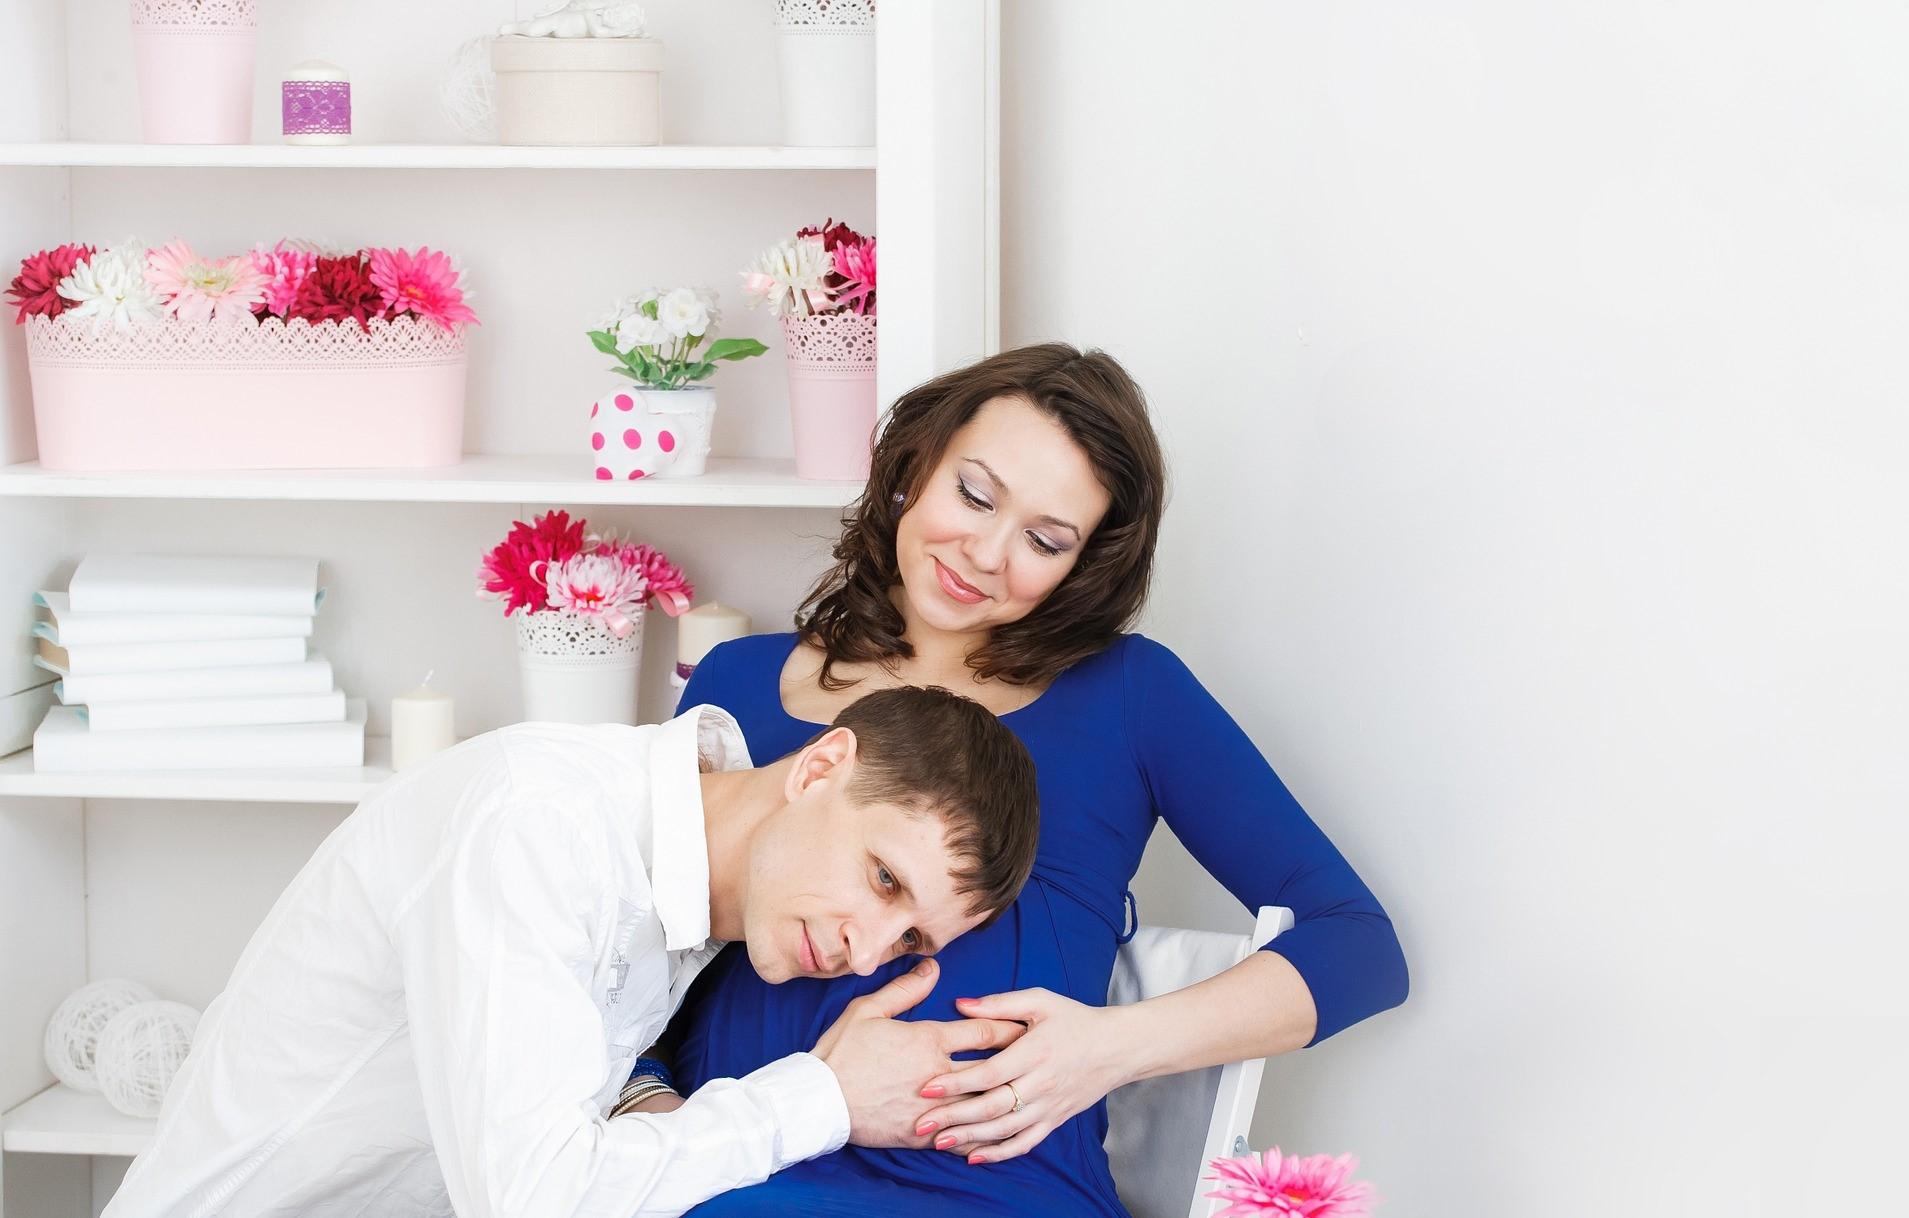 علامات الحمل المبكرة جدا بعد التبويض